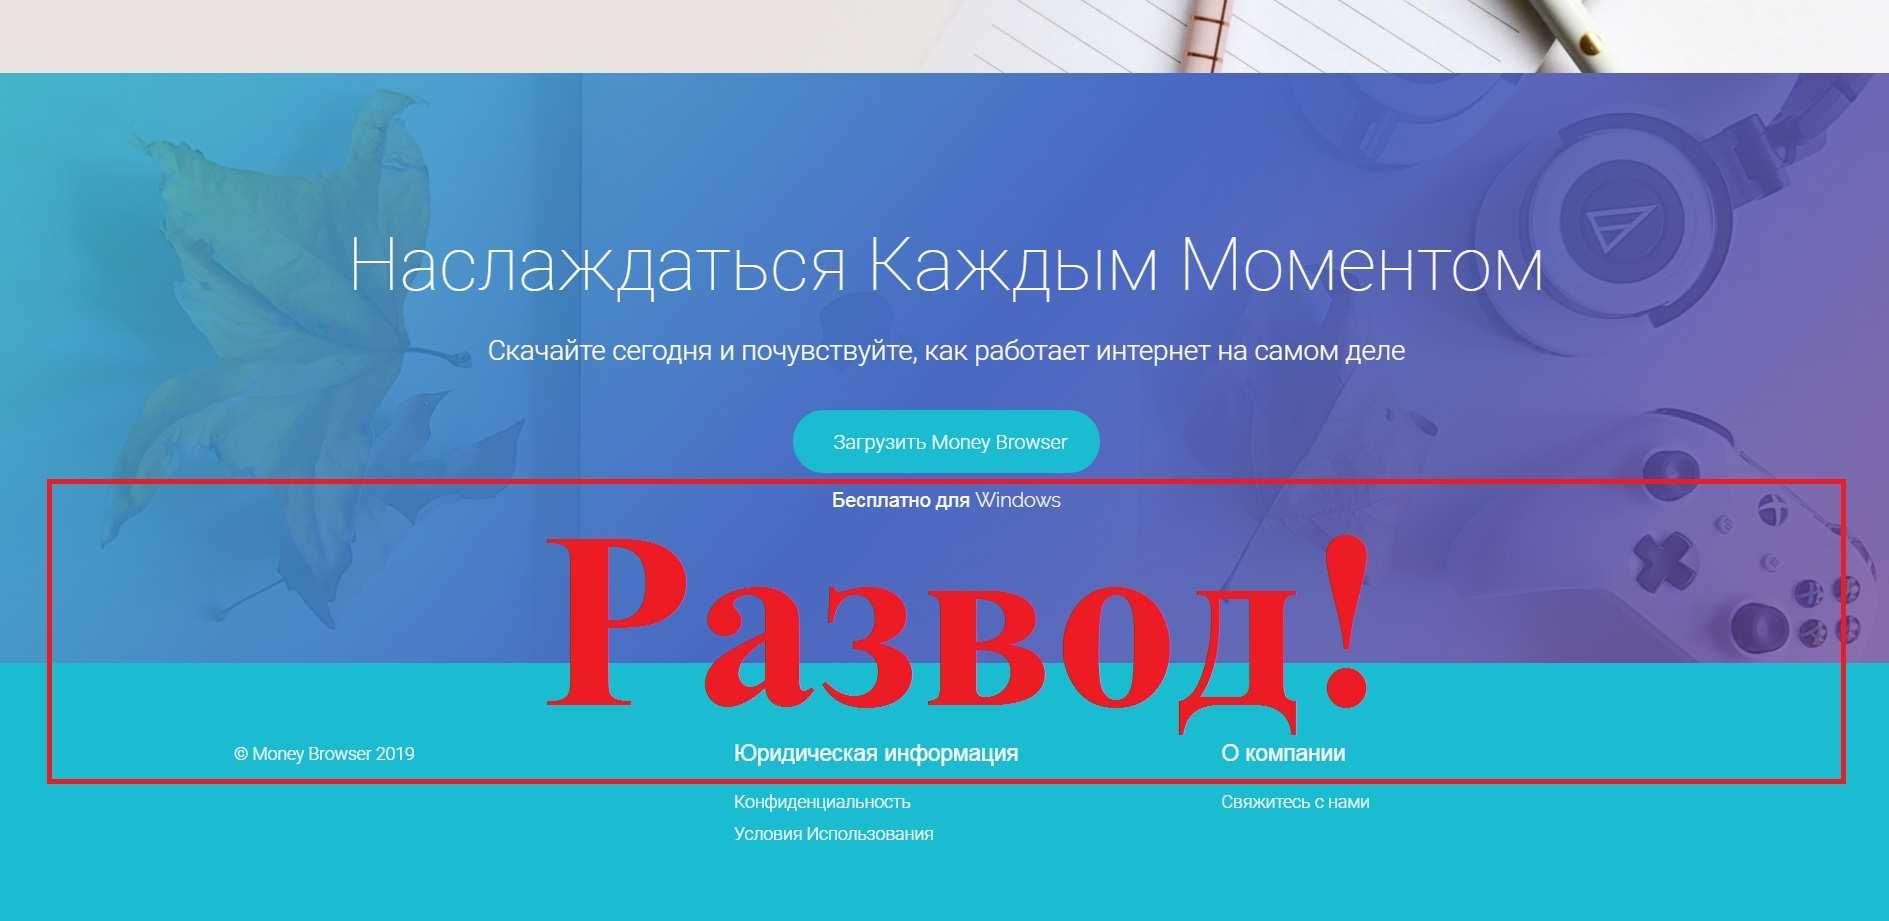 Money Browser – отзывы о денежном браузере